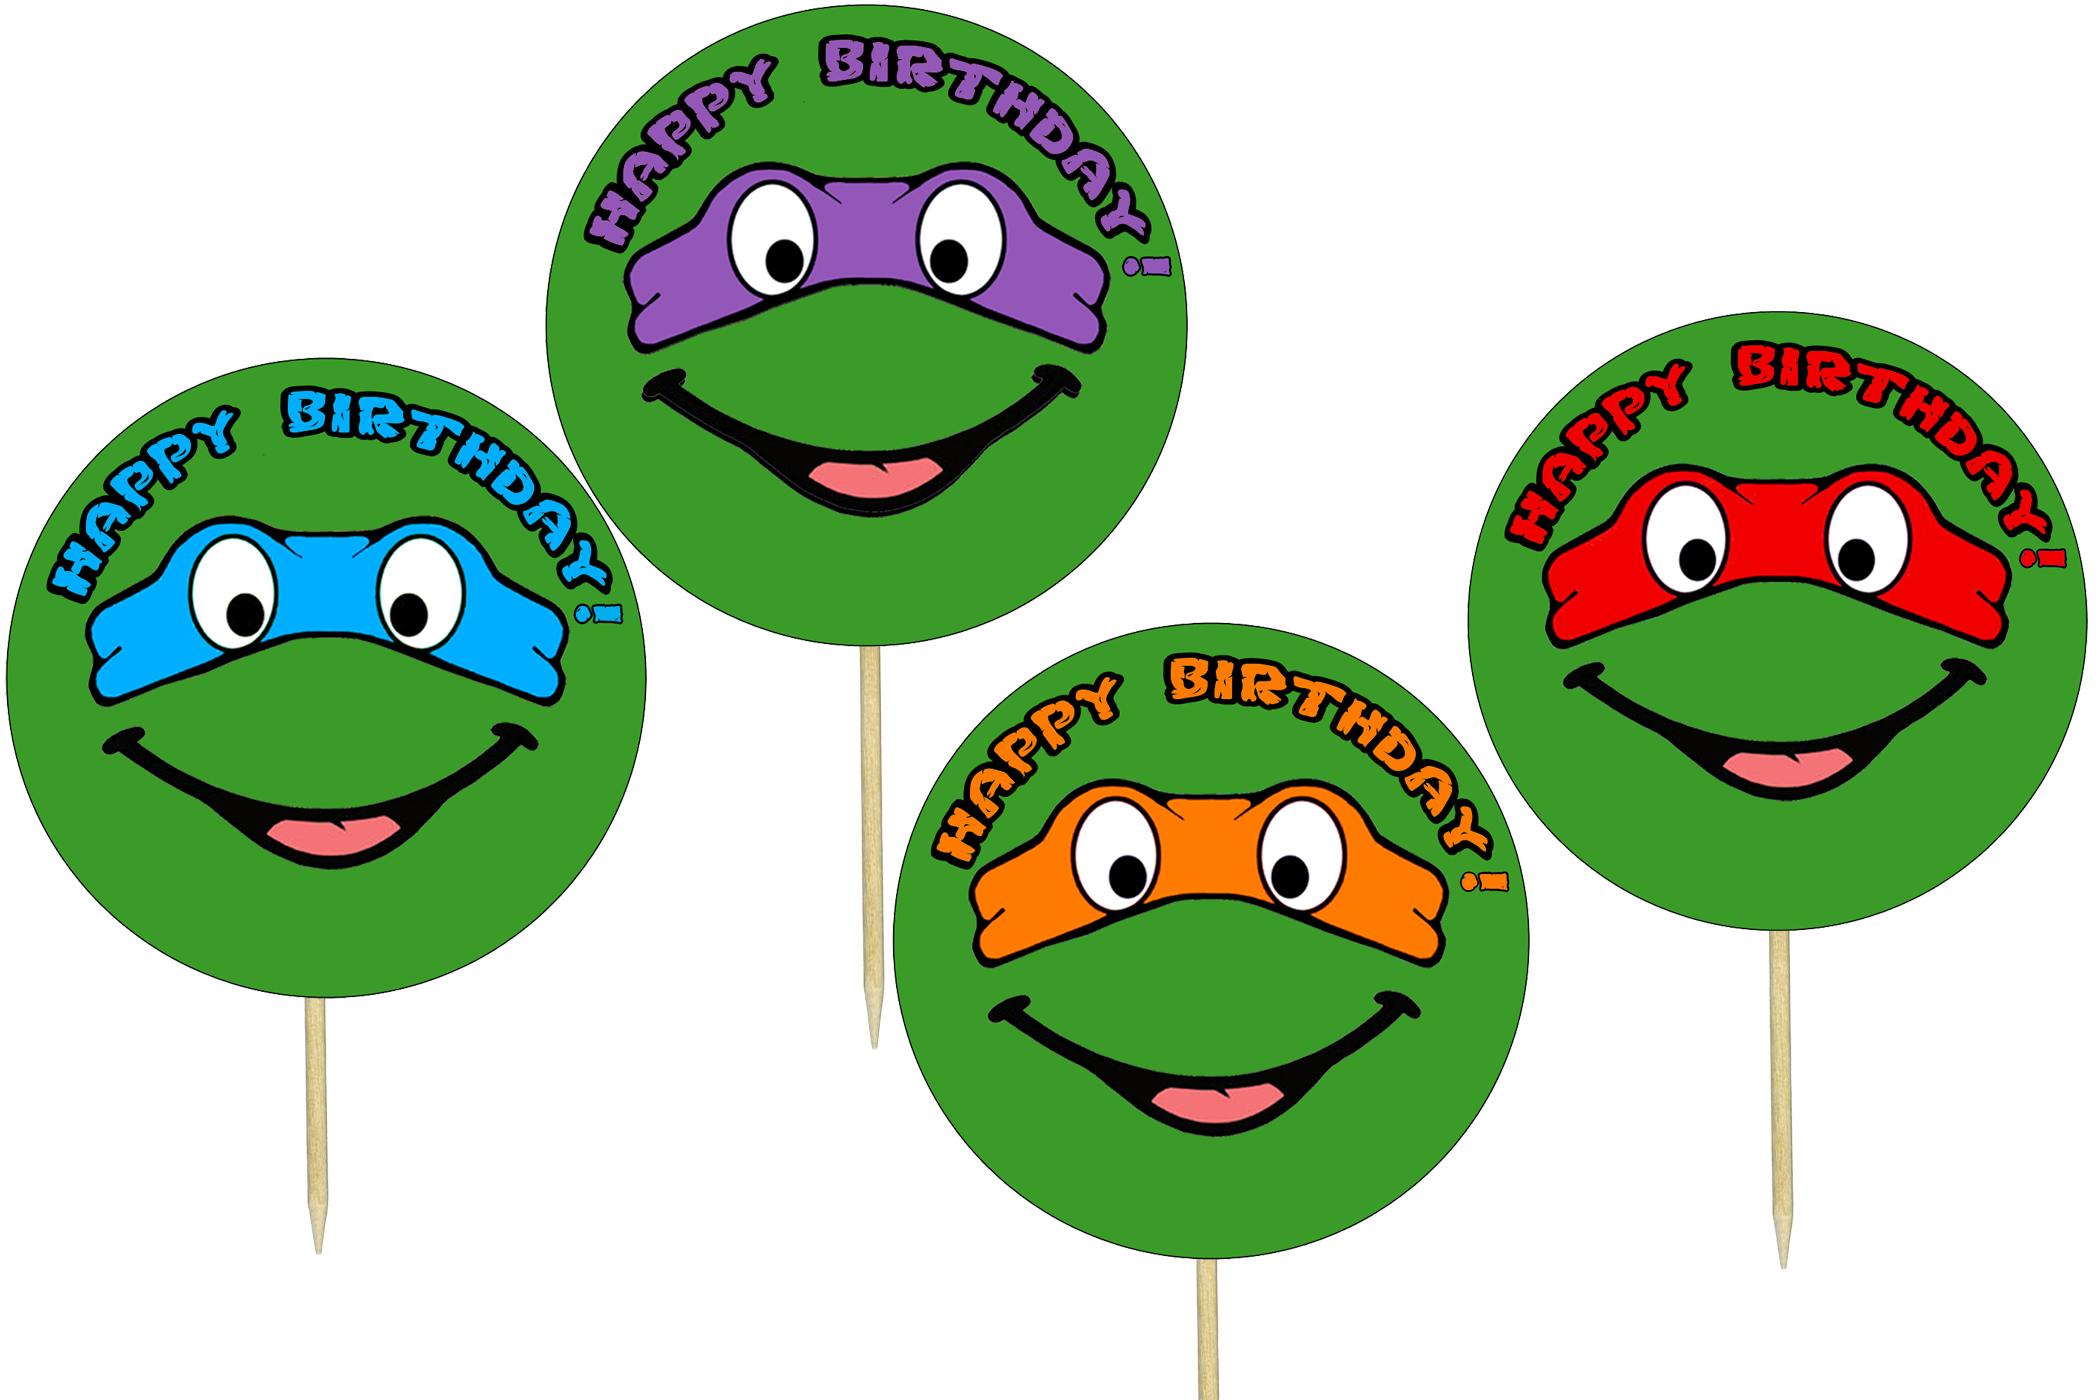 Ninja turtle printable clipart jpg freeuse download Ninja turtle printable clipart - ClipartFest jpg freeuse download